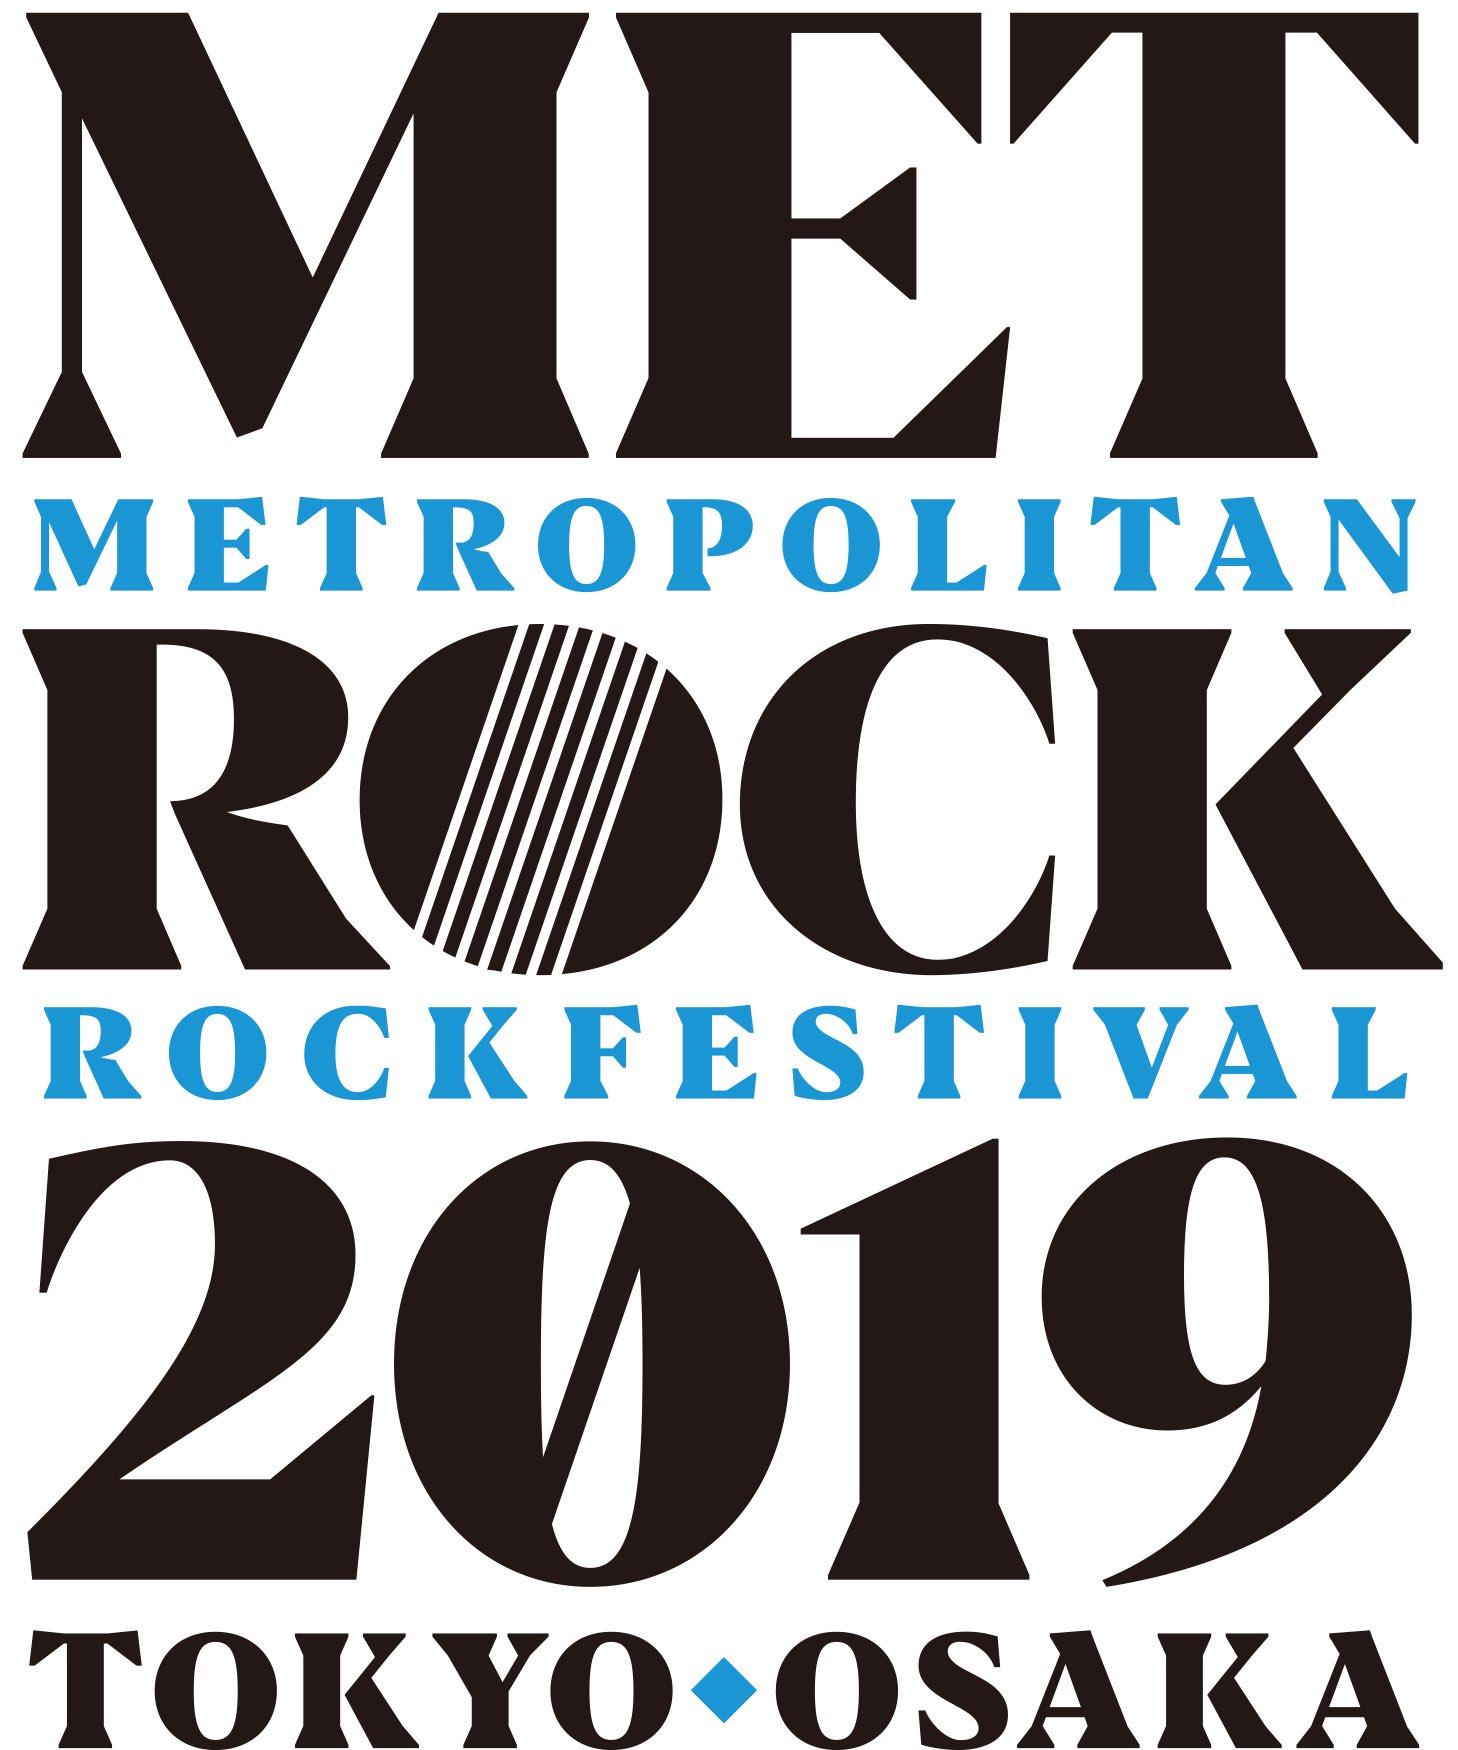 """大阪特設会場(大阪府堺市・海とのふれあい広場)<span class=""""live-title"""">OSAKA METROPOLITAN ROCK FESTIVAL 2019</span>"""